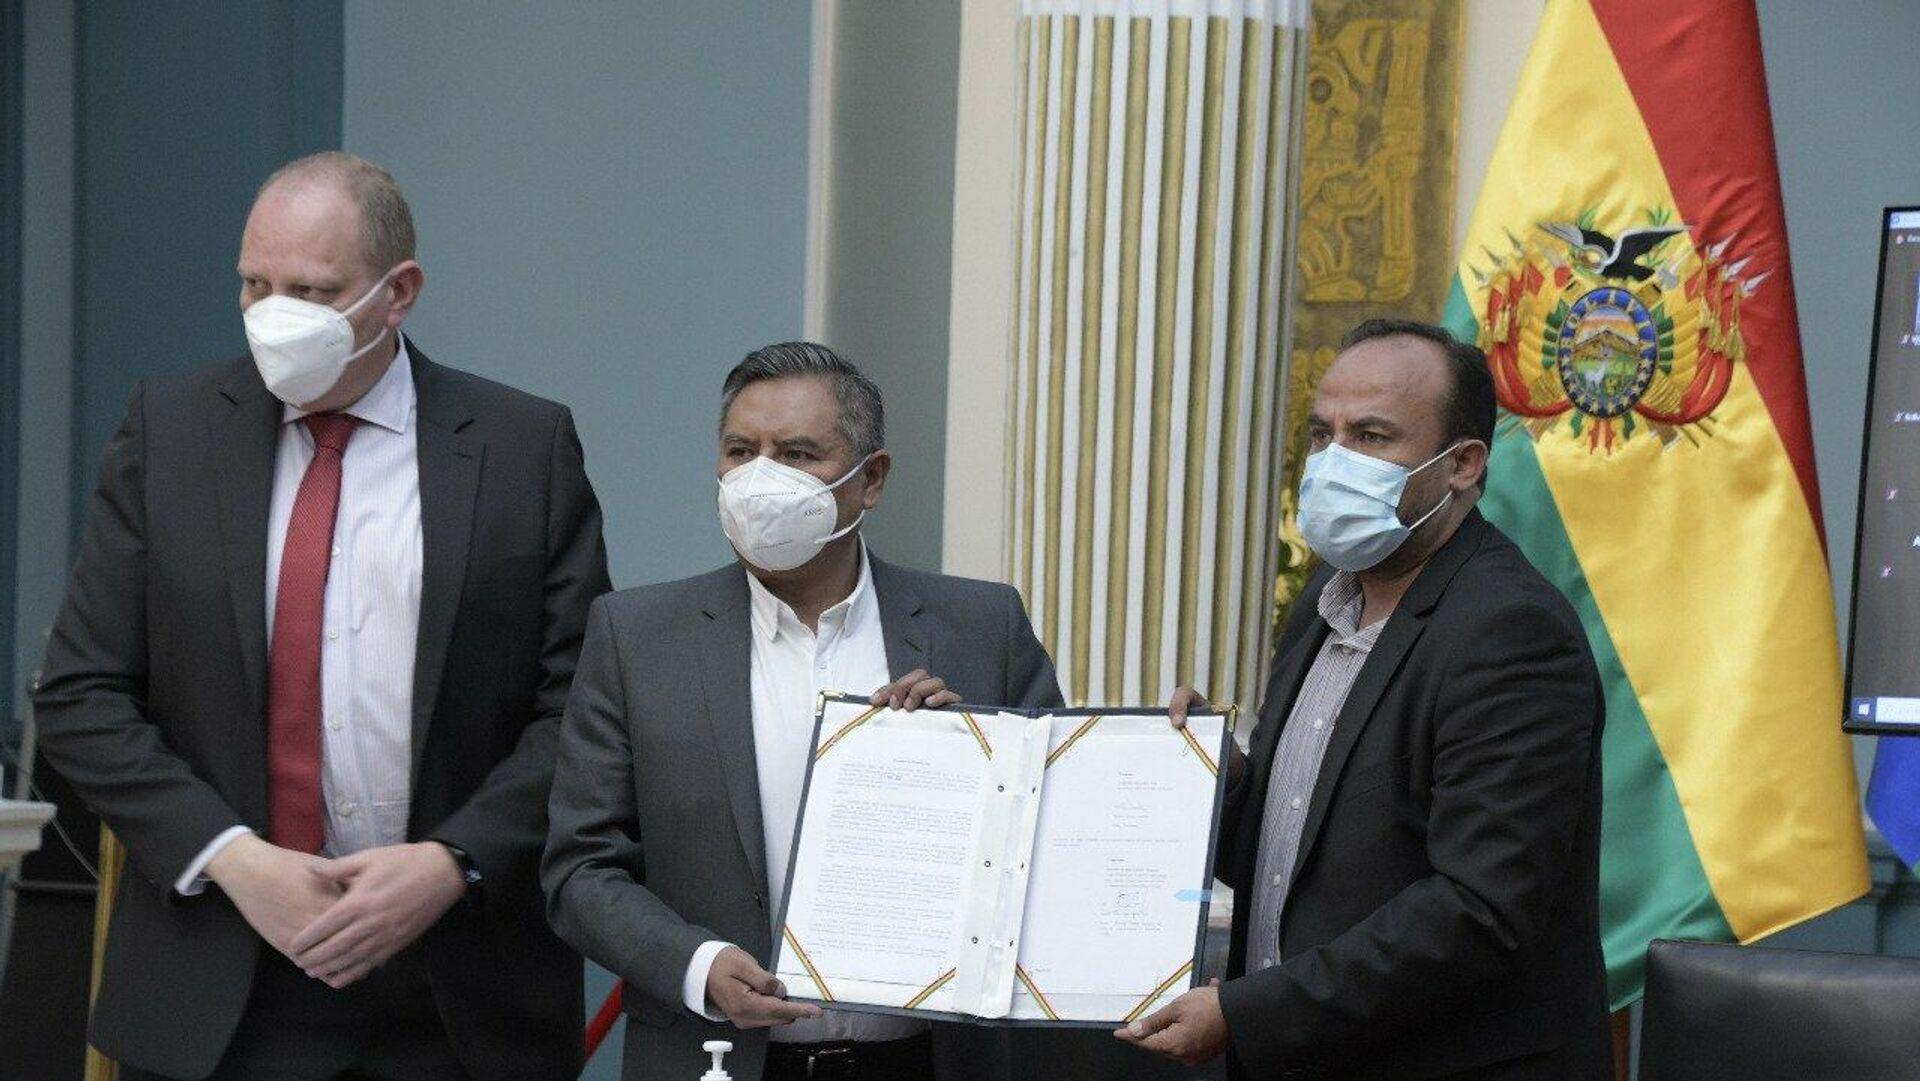 El canciller, Rogelio Mayta, y el viceministro de Comercio Exterior Benjamin Blanco firman documento con Biolyse Pharma  para adquirir 15 millones de vacunas Johnson & Johnson - Sputnik Mundo, 1920, 11.05.2021